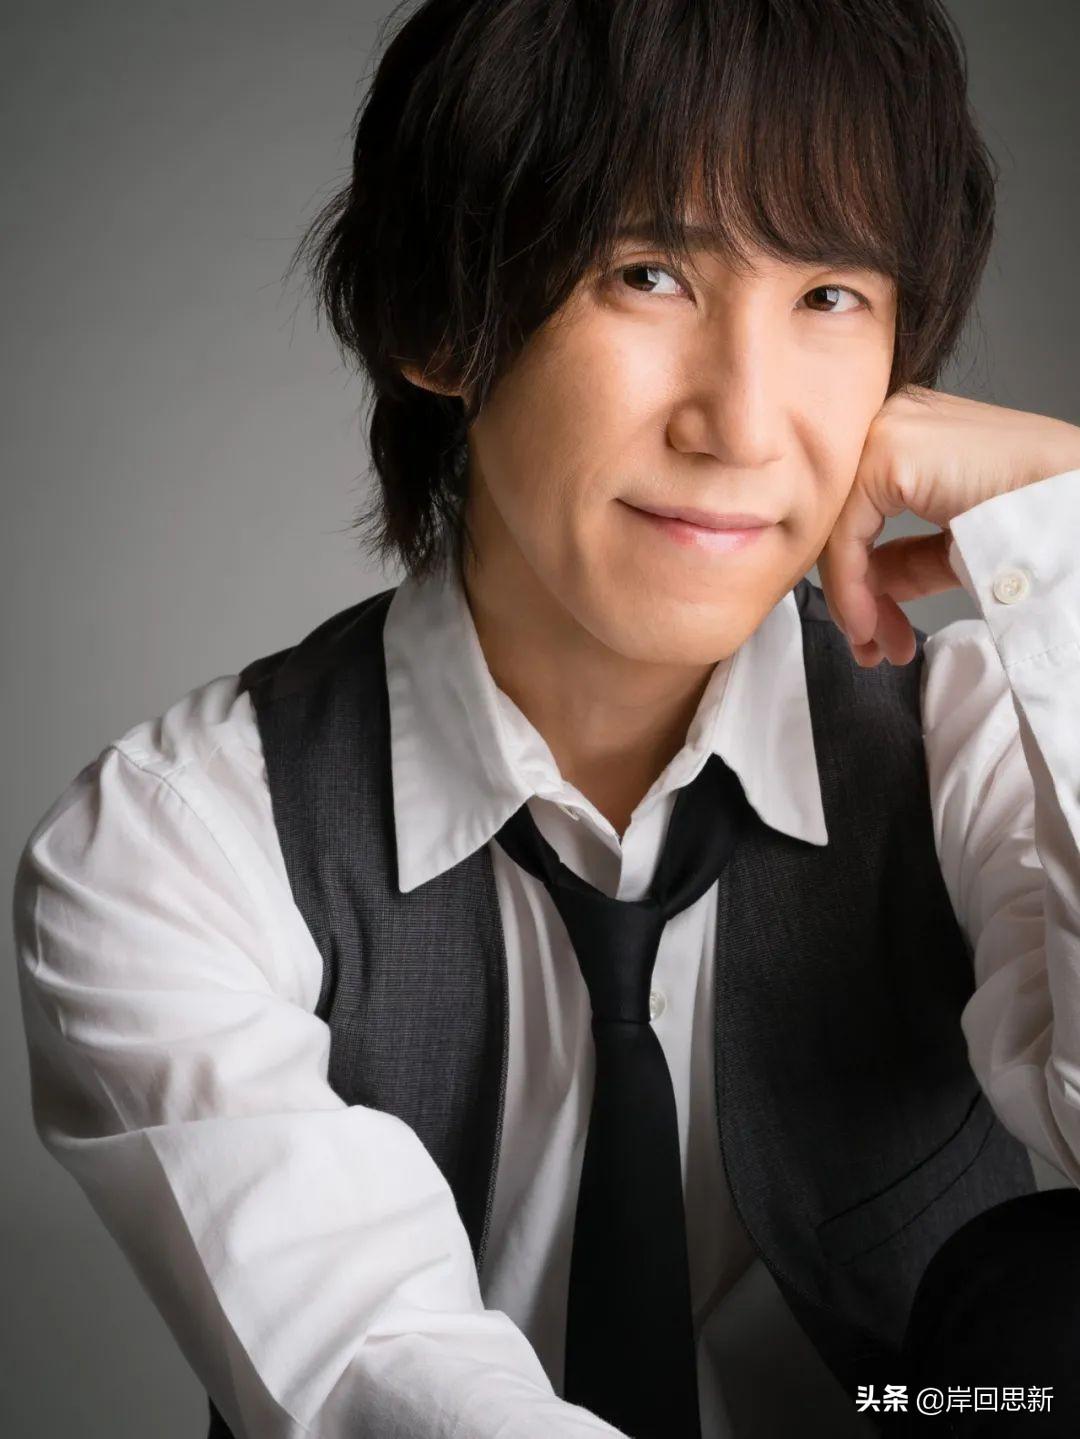 誠哥已被淡忘了?平川大輔聲優角色人氣排名:鐵打的第一名